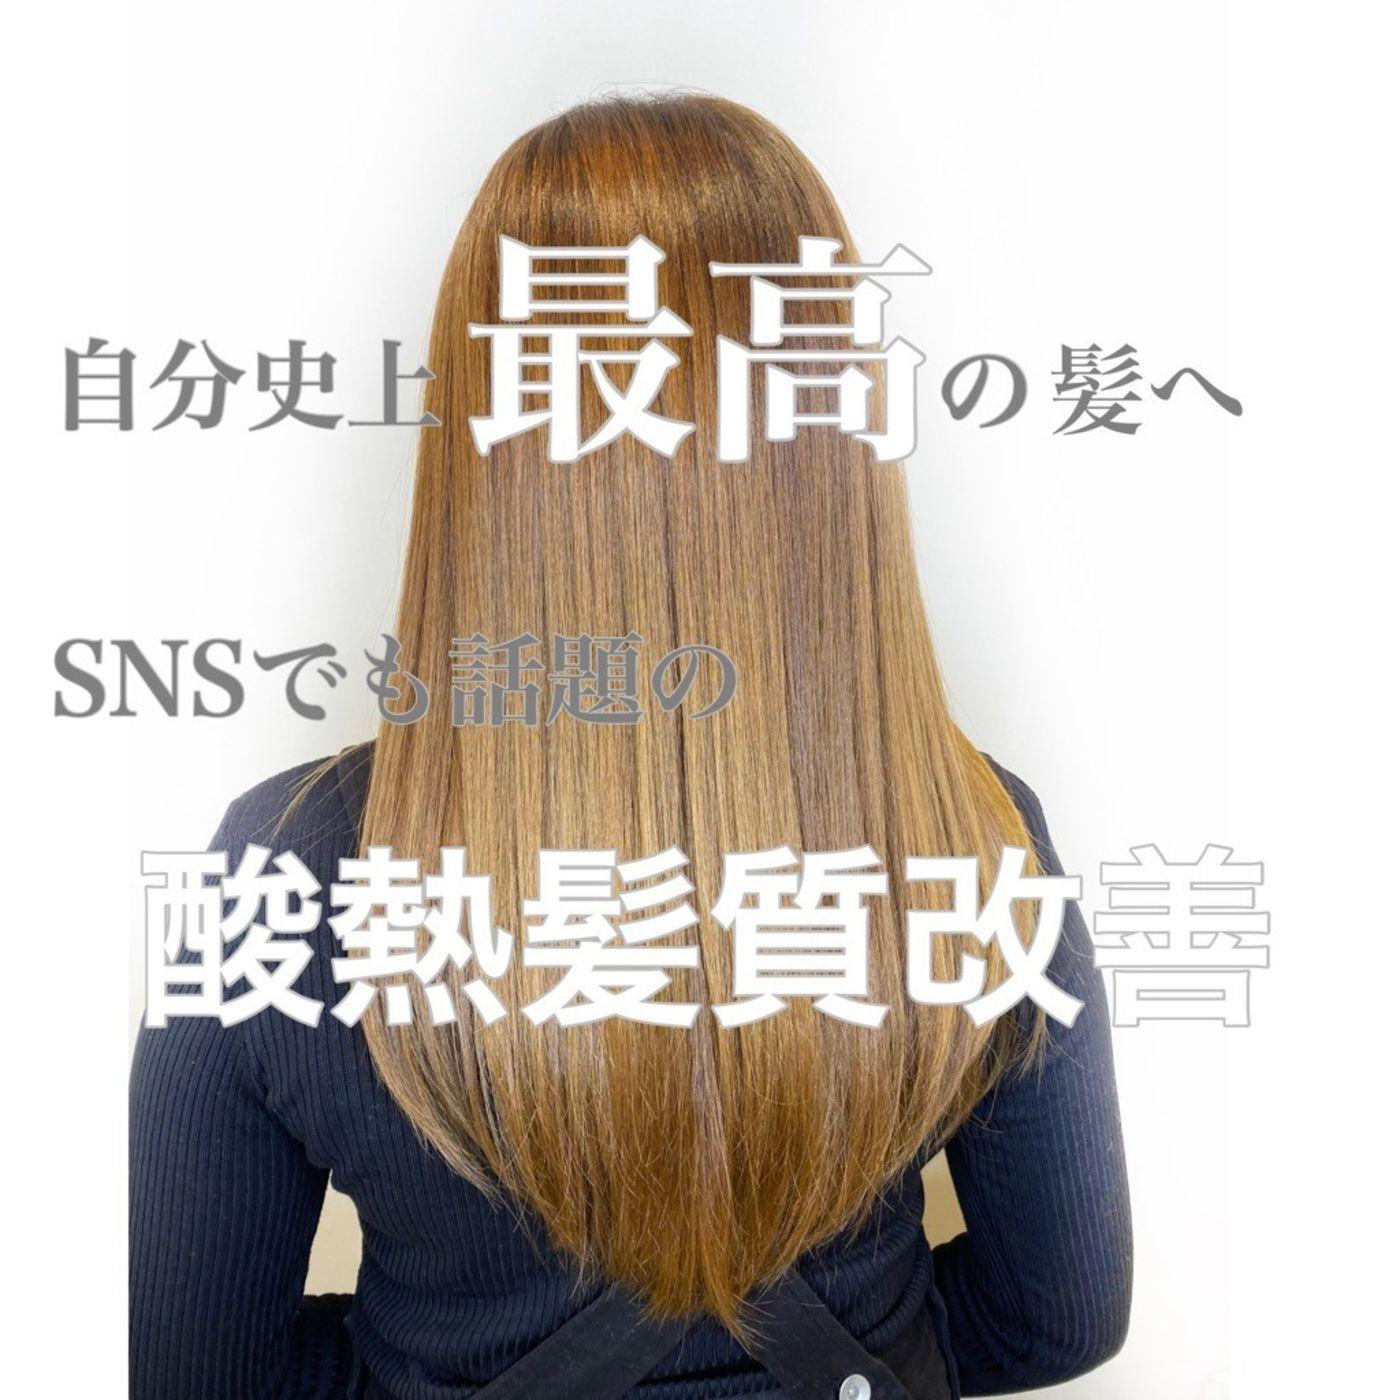 ③とにかく髪の毛を綺麗にしたい方や、ツヤが欲しい方、髪を傷めることなくおさまる様にしたい方にオススメ